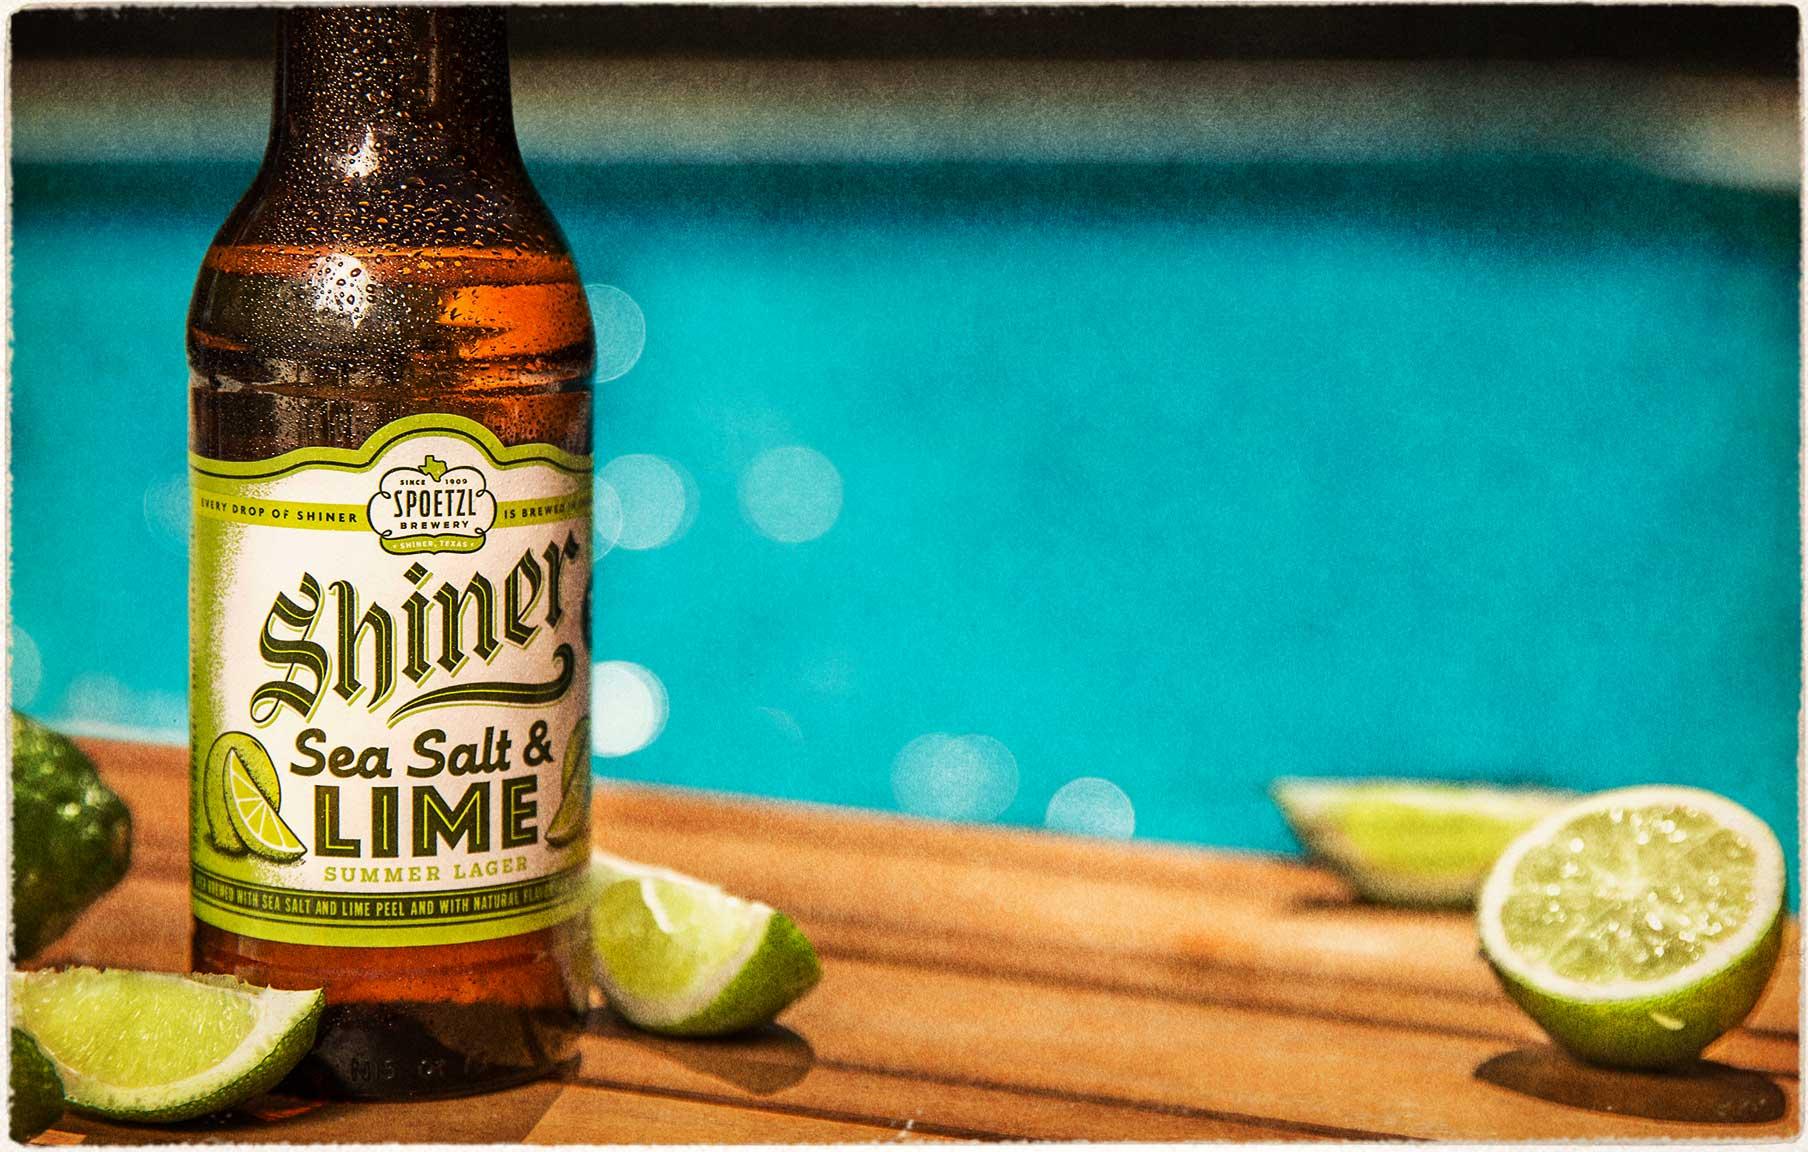 Sea Salt & Lime